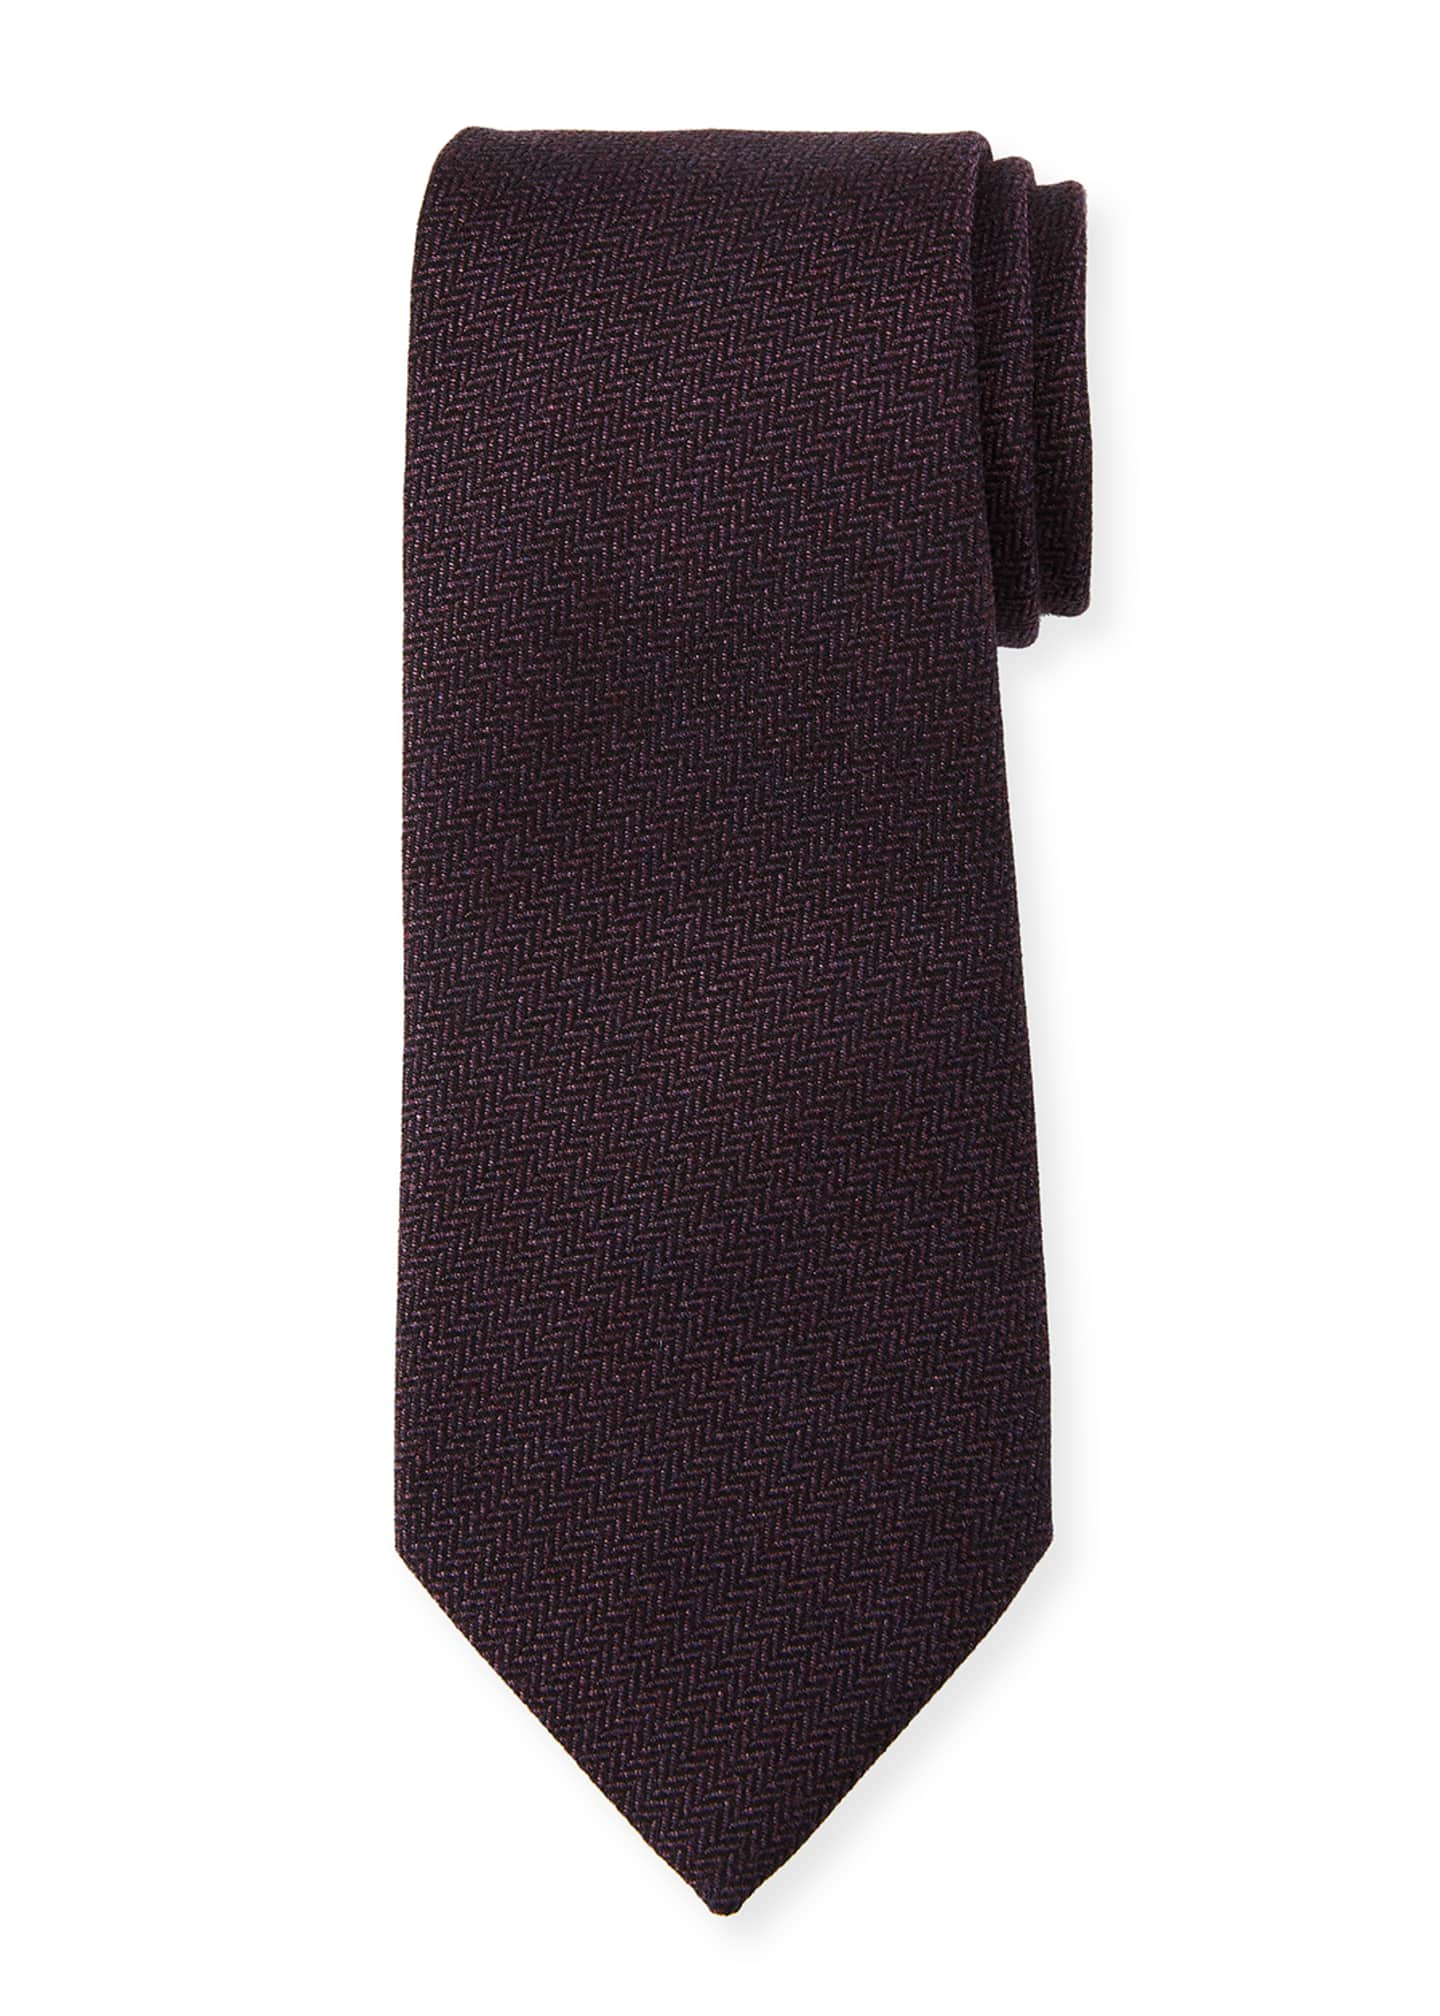 Ermenegildo Zegna Herringbone Silk Tie